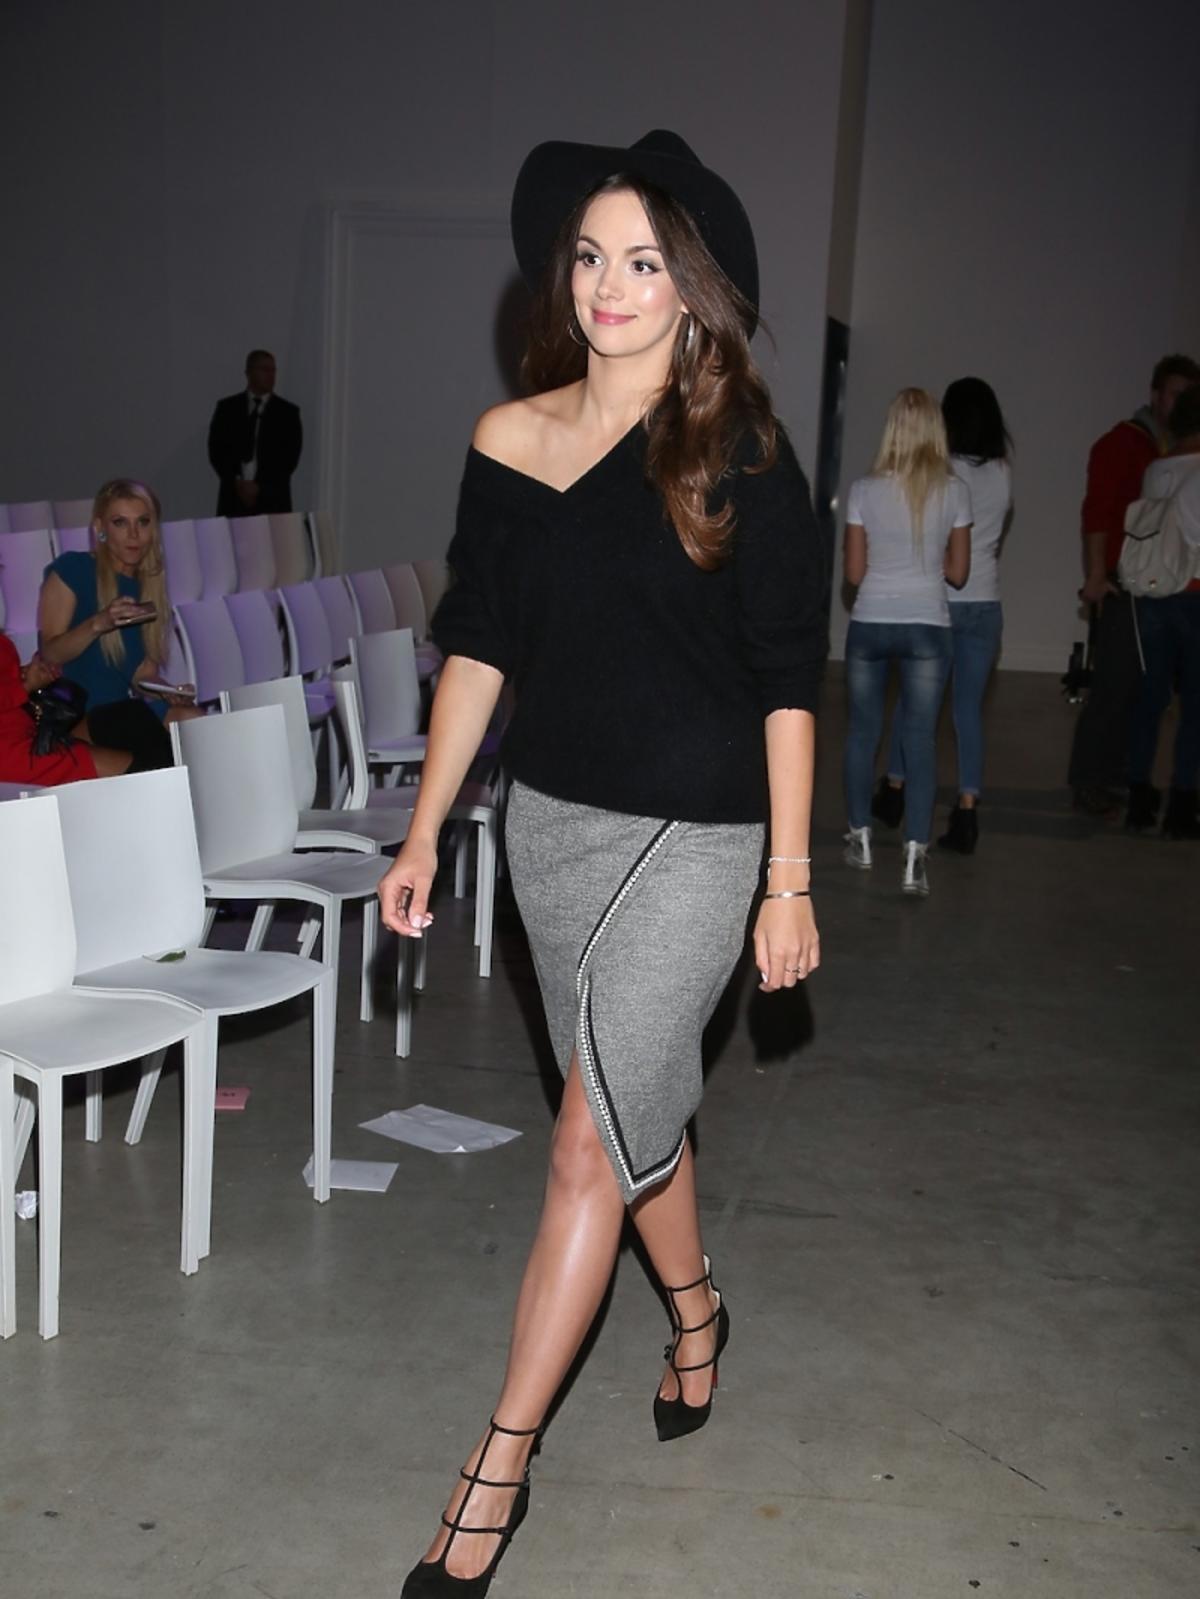 Paulina Krupińska na pokaz Bizuu założyła szarą spódnicę Bizuu i czarny sweterek